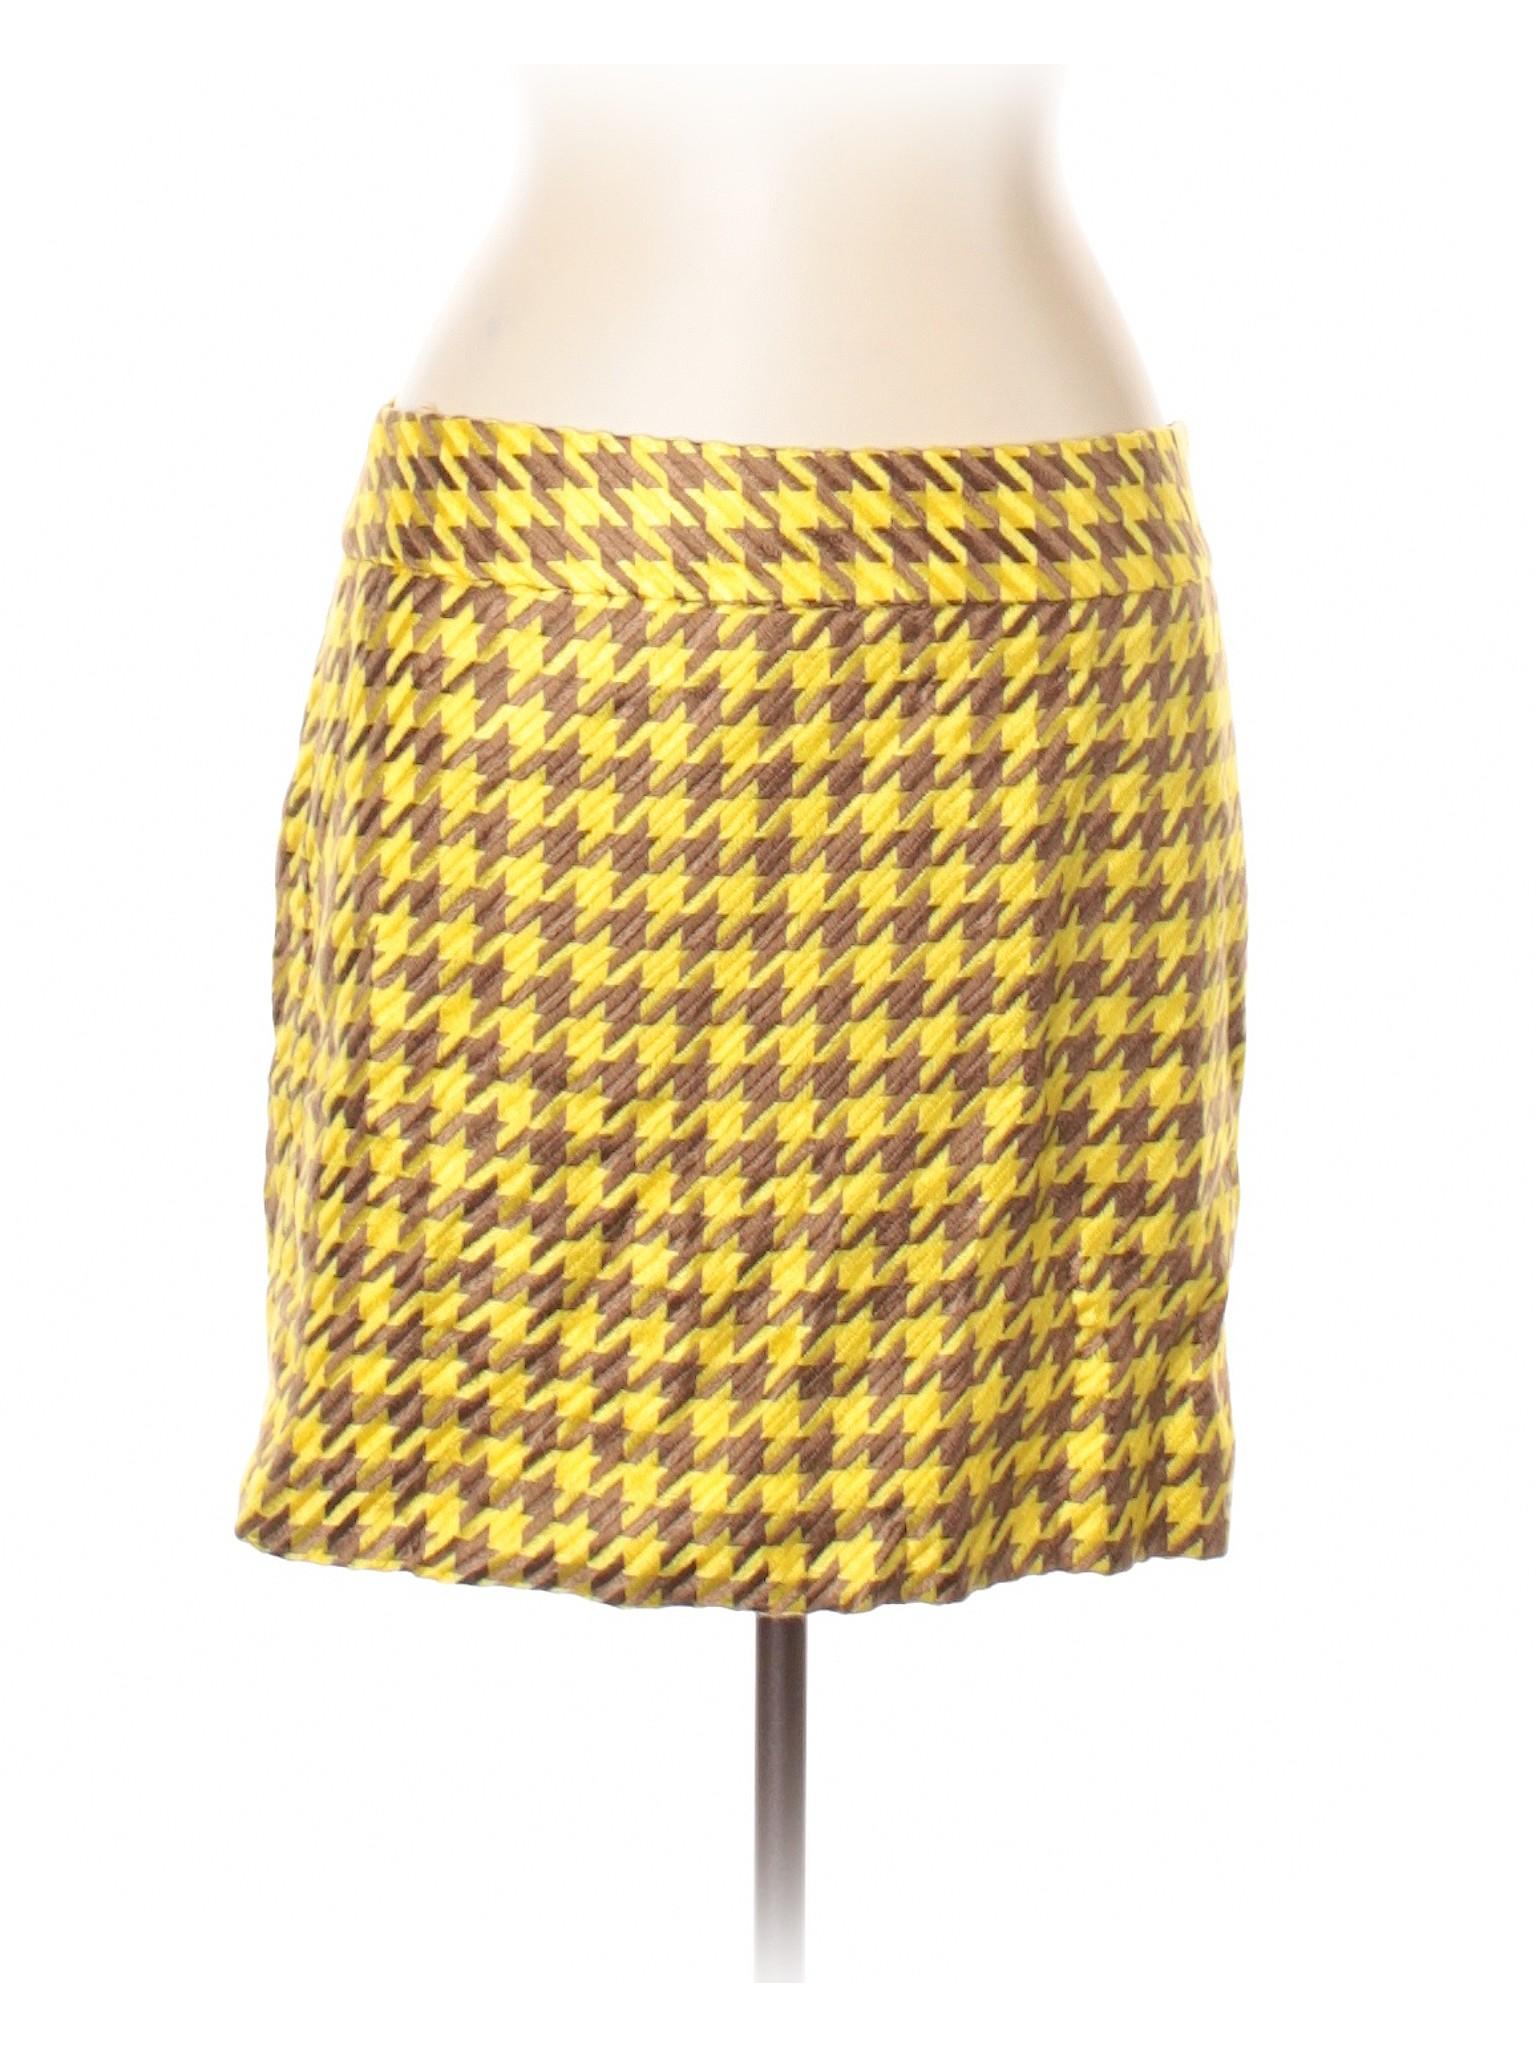 Skirt Boutique Casual Boutique Casual Skirt Boutique wwxa5frq